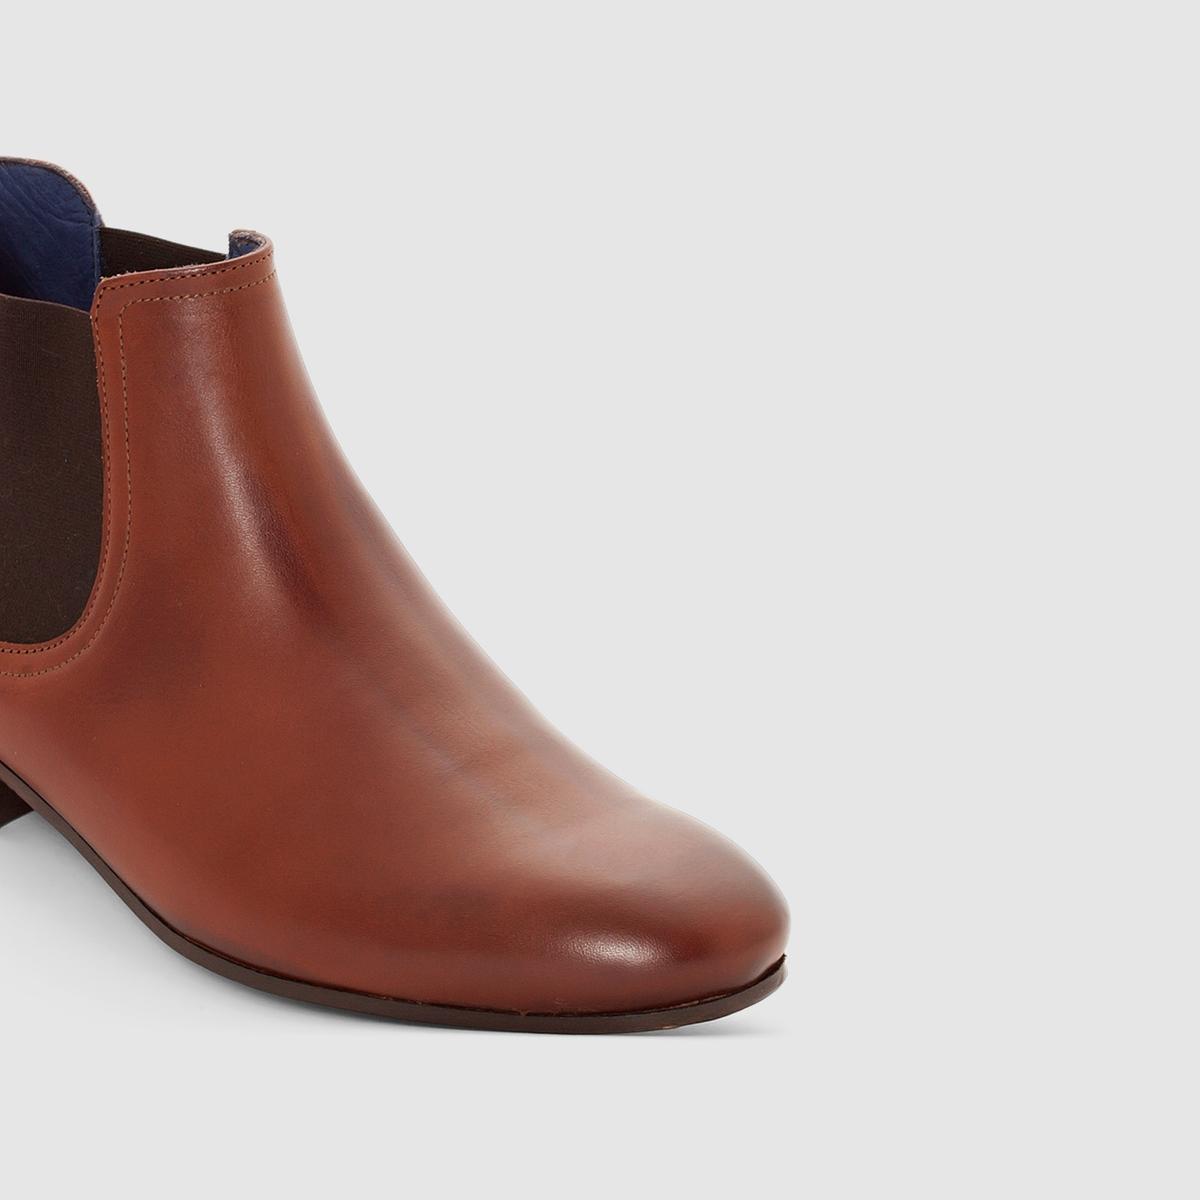 Ботинки в стиле челси ItemВерх/ голенище: яловичная кожа.   Подкладка: кожа + текстиль.   Стелька: кожа.Подошва: кожа.Застежка: без застежки.<br><br>Цвет: каштановый<br>Размер: 42